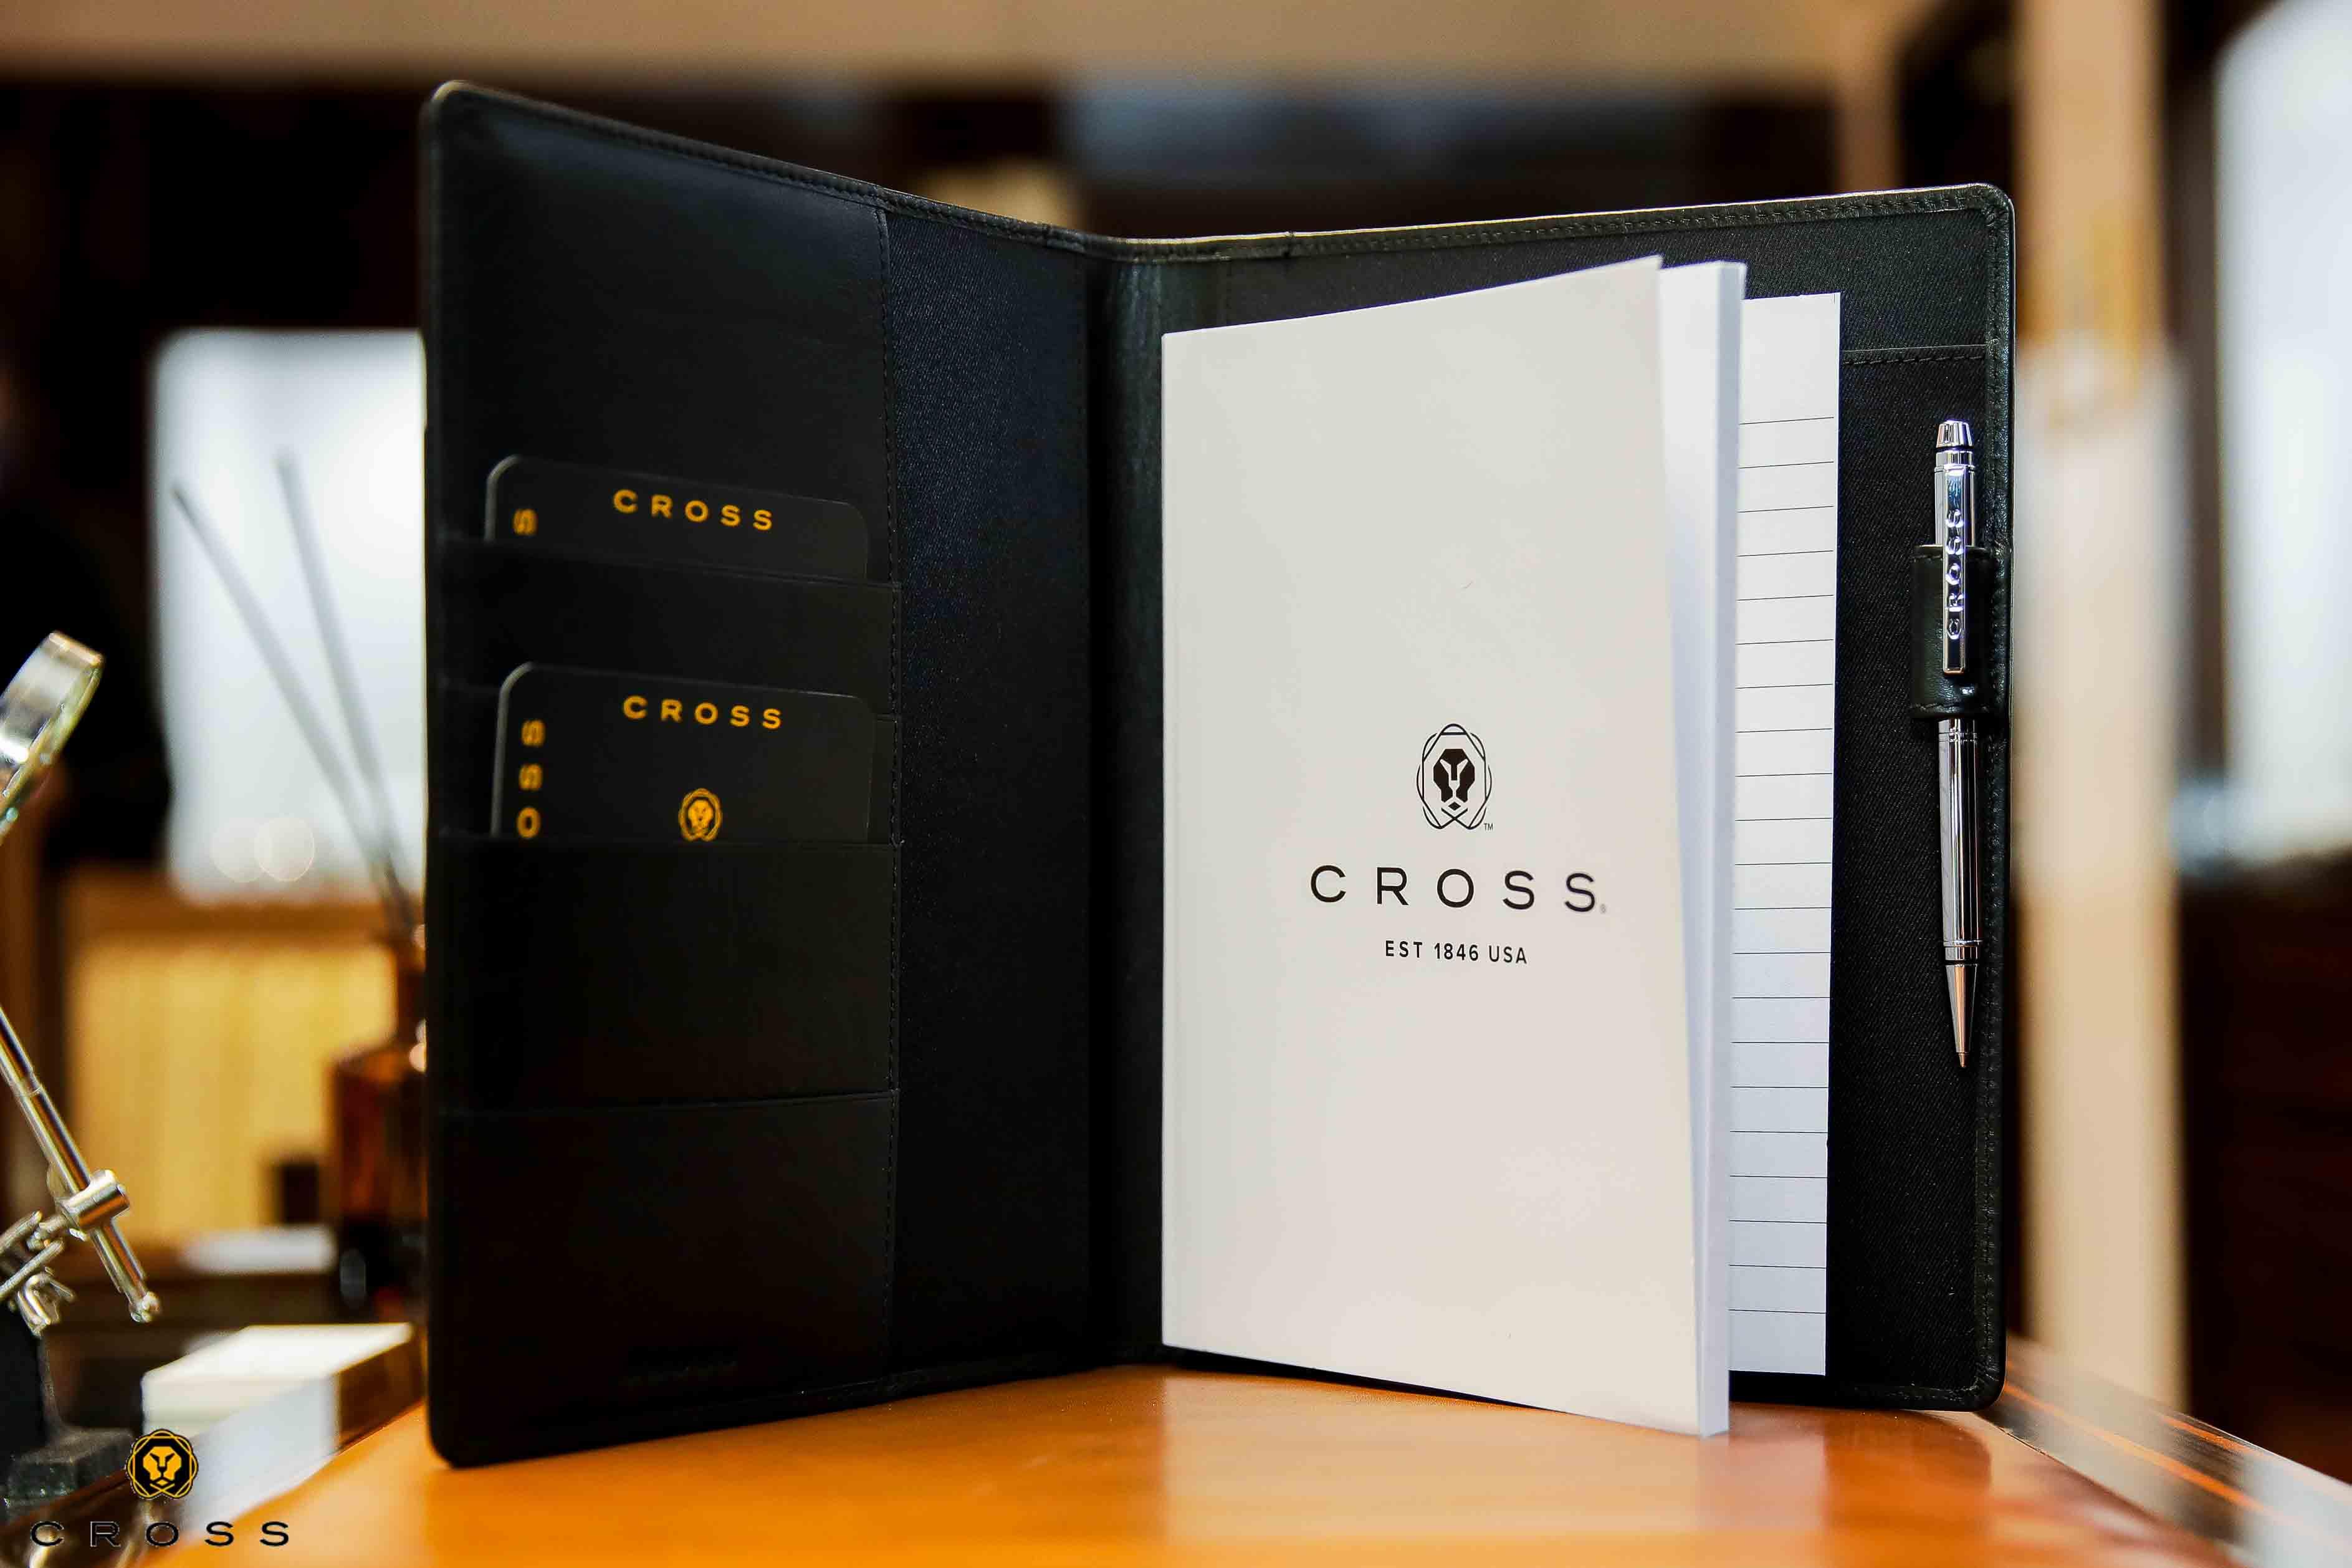 CROSS AC018329 - 1-1